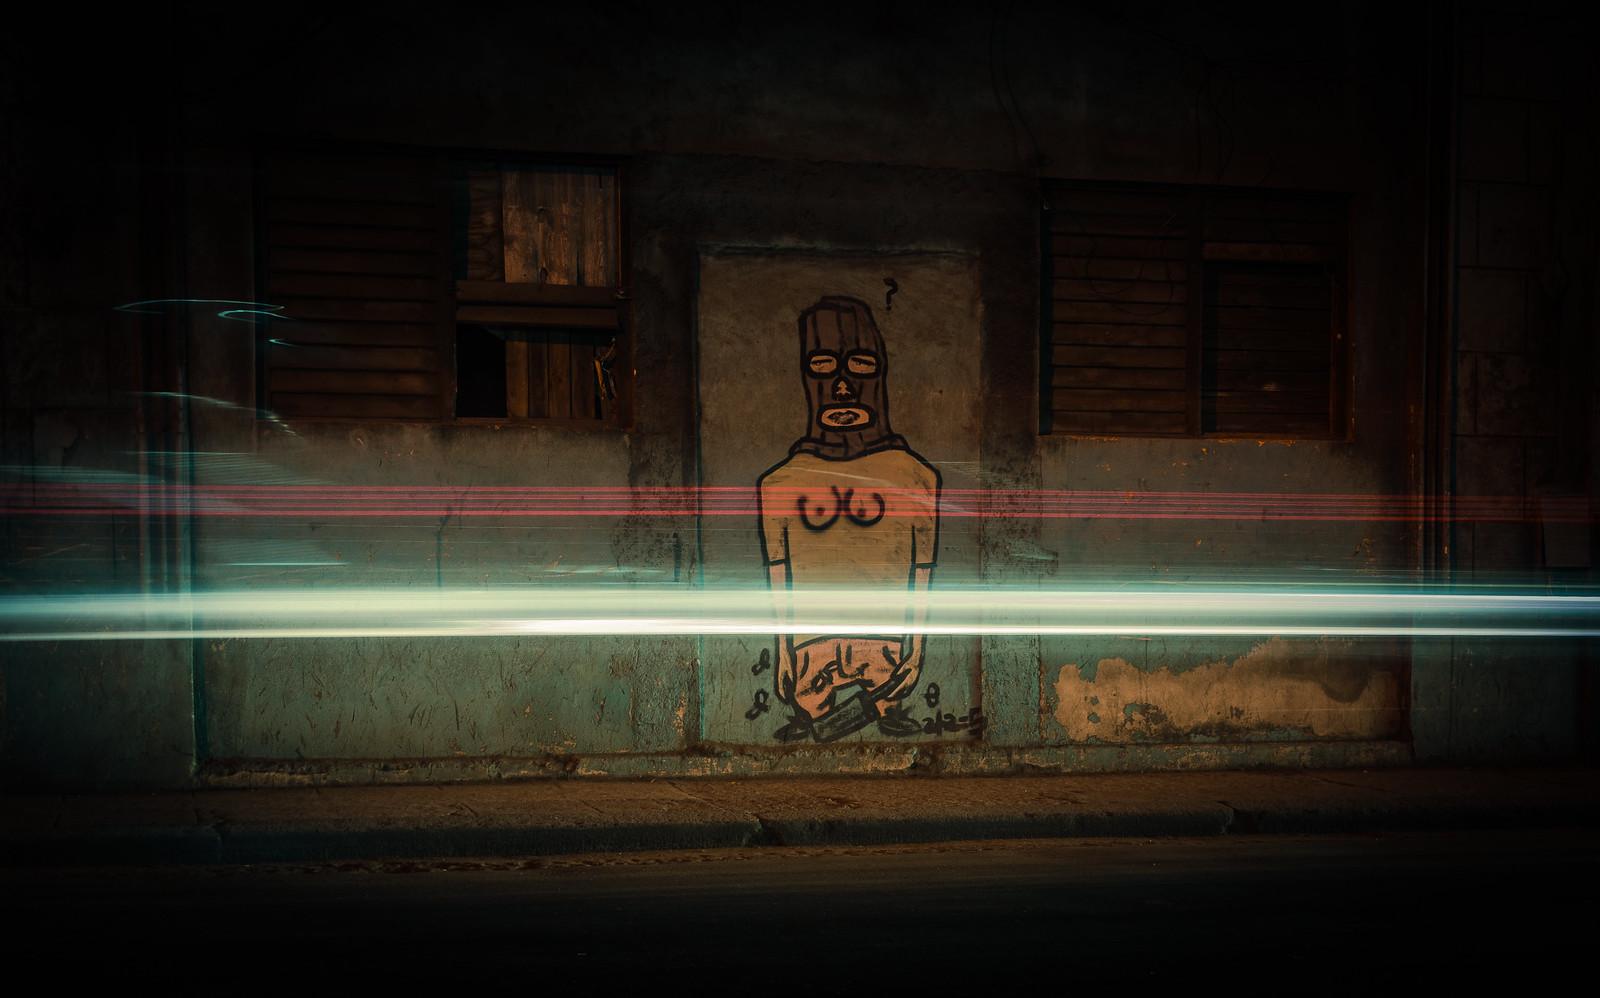 Streets of Havana - Cuba | by IV2K